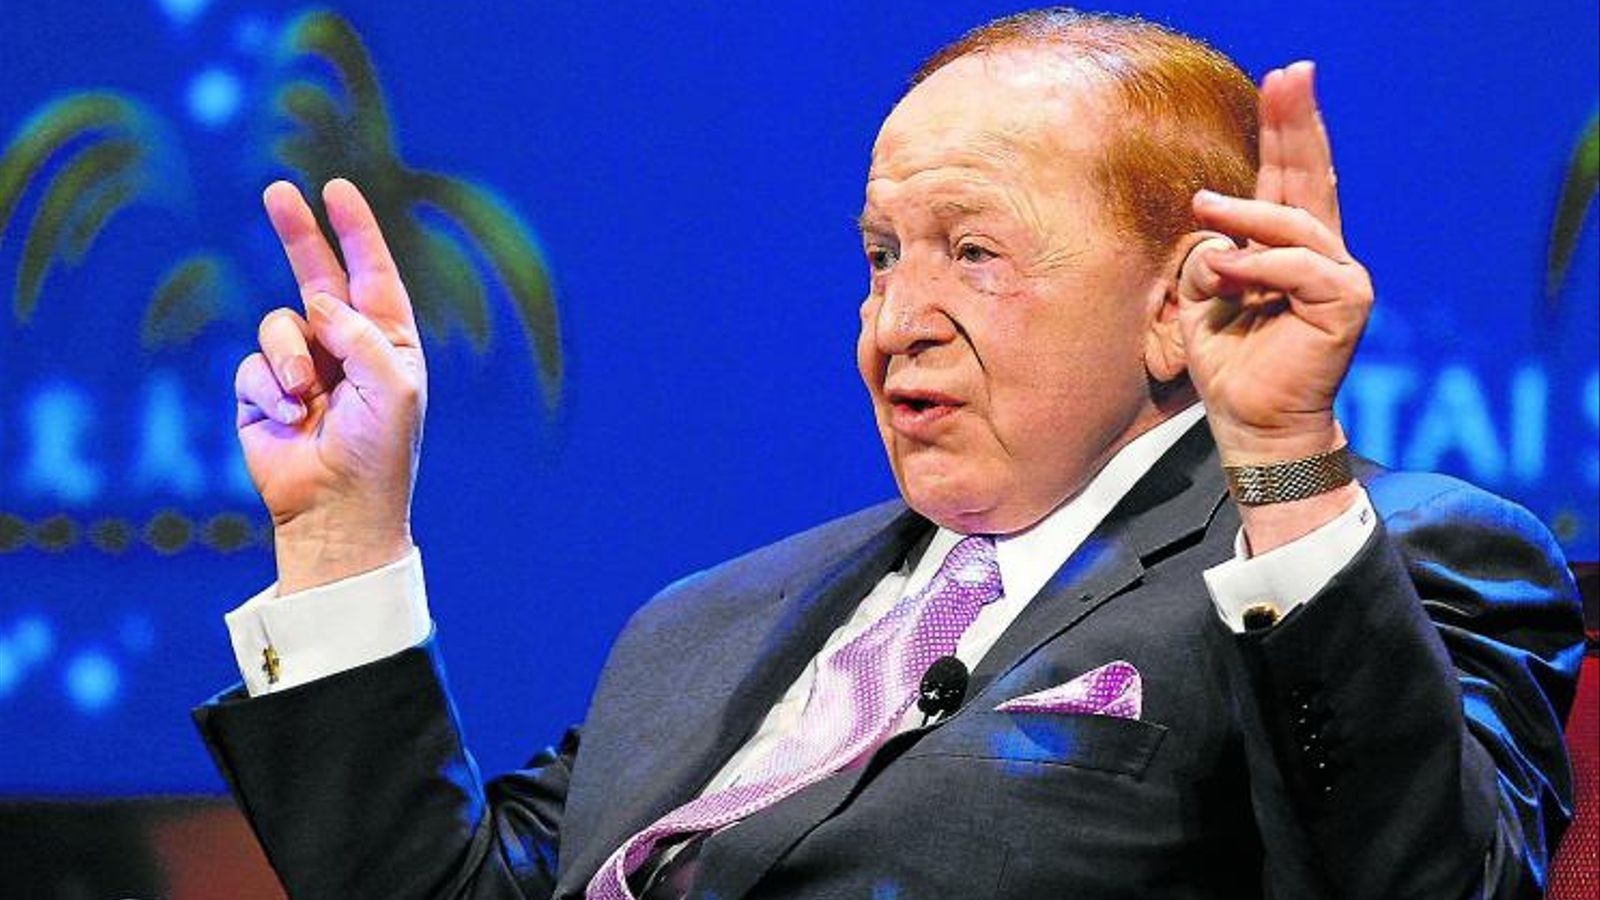 L'IMPULSOR DE LAS VEGAS A EUROPA El gran magnat Sheldon Adelson, amo d'un imperi de joc i oci i seguidor declarat del sionisme més extrem, ha injectat desenes de milions de dòlars en la campanya de Newt Gingrich. A més també és l'home que es disputen Catalunya i Madrid perquè les triï per acollir el macrocomplex d'oci conegut com Las Vegas d'Europa.